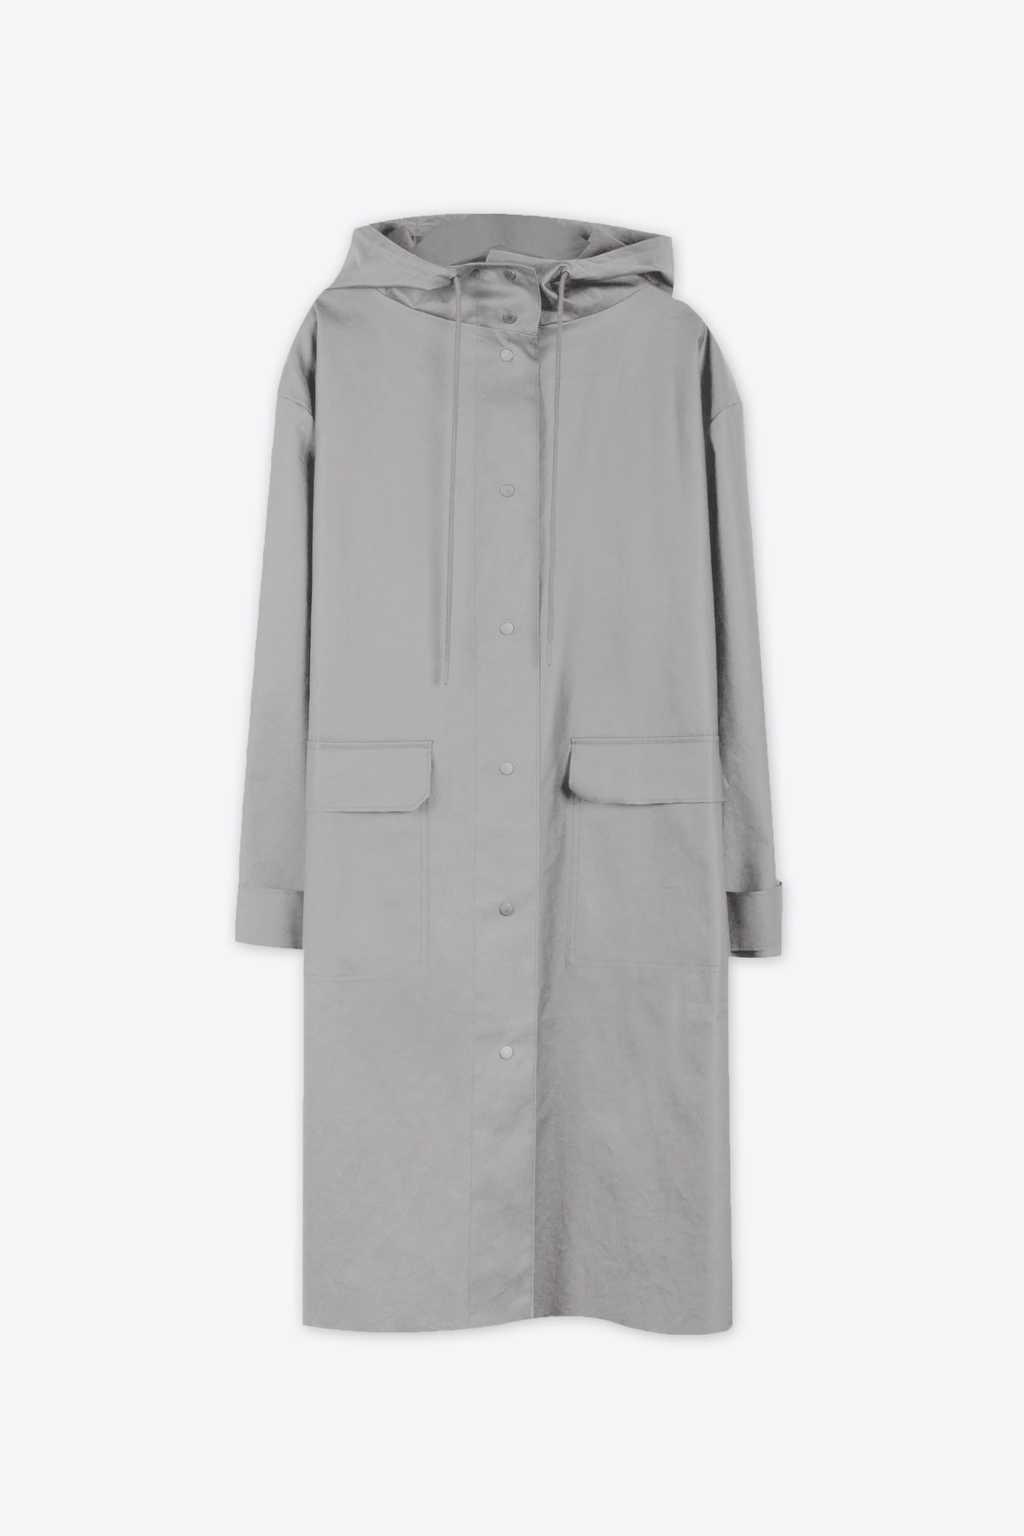 Rain Coat 1062 Gray 5